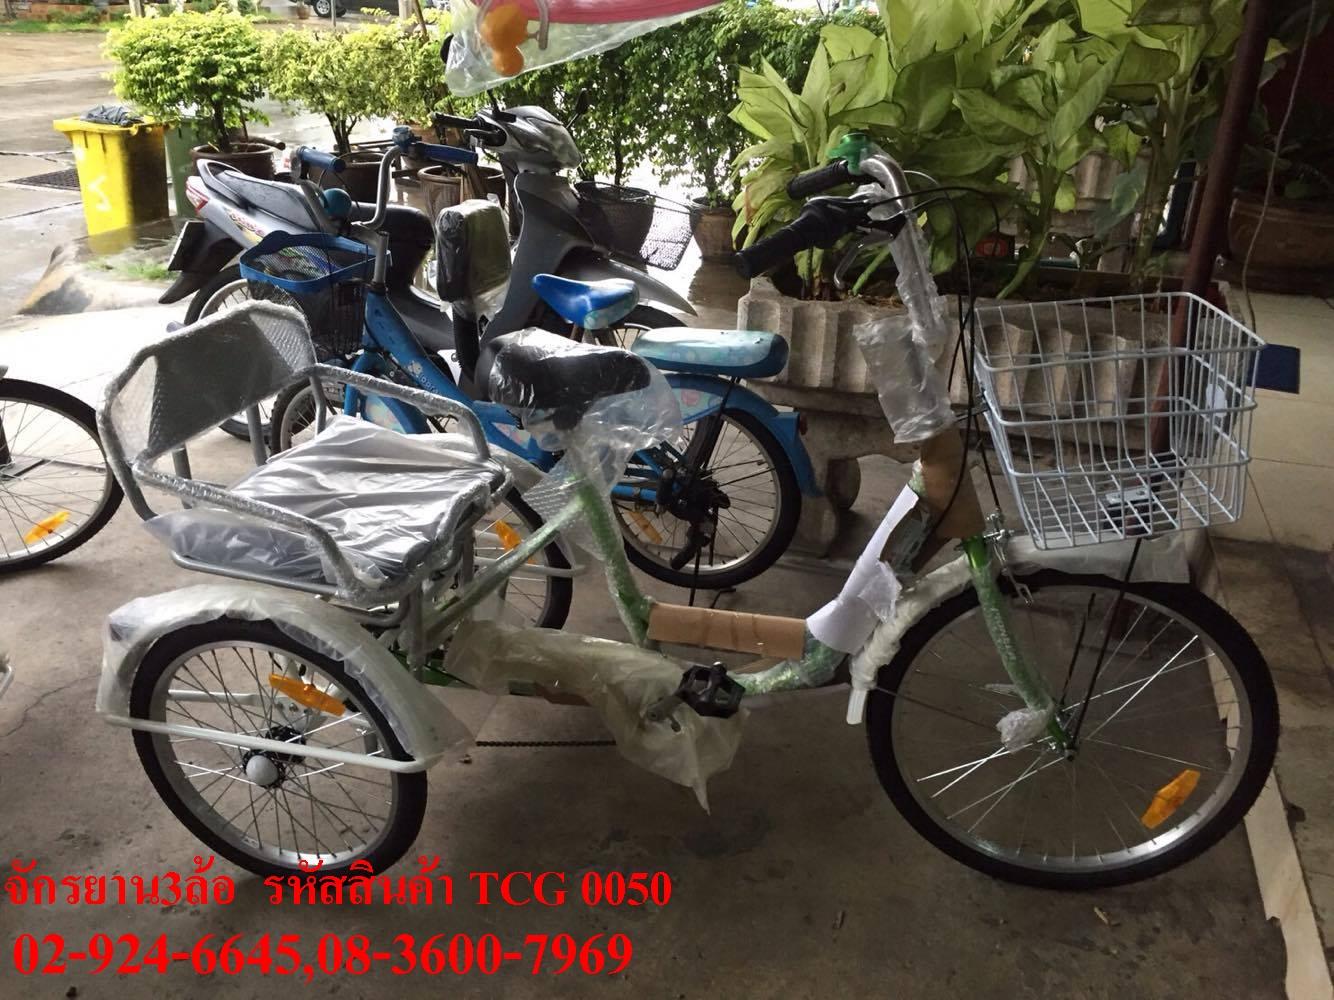 จักรยานสามล้อ รหัสสินค้า TCG 0050